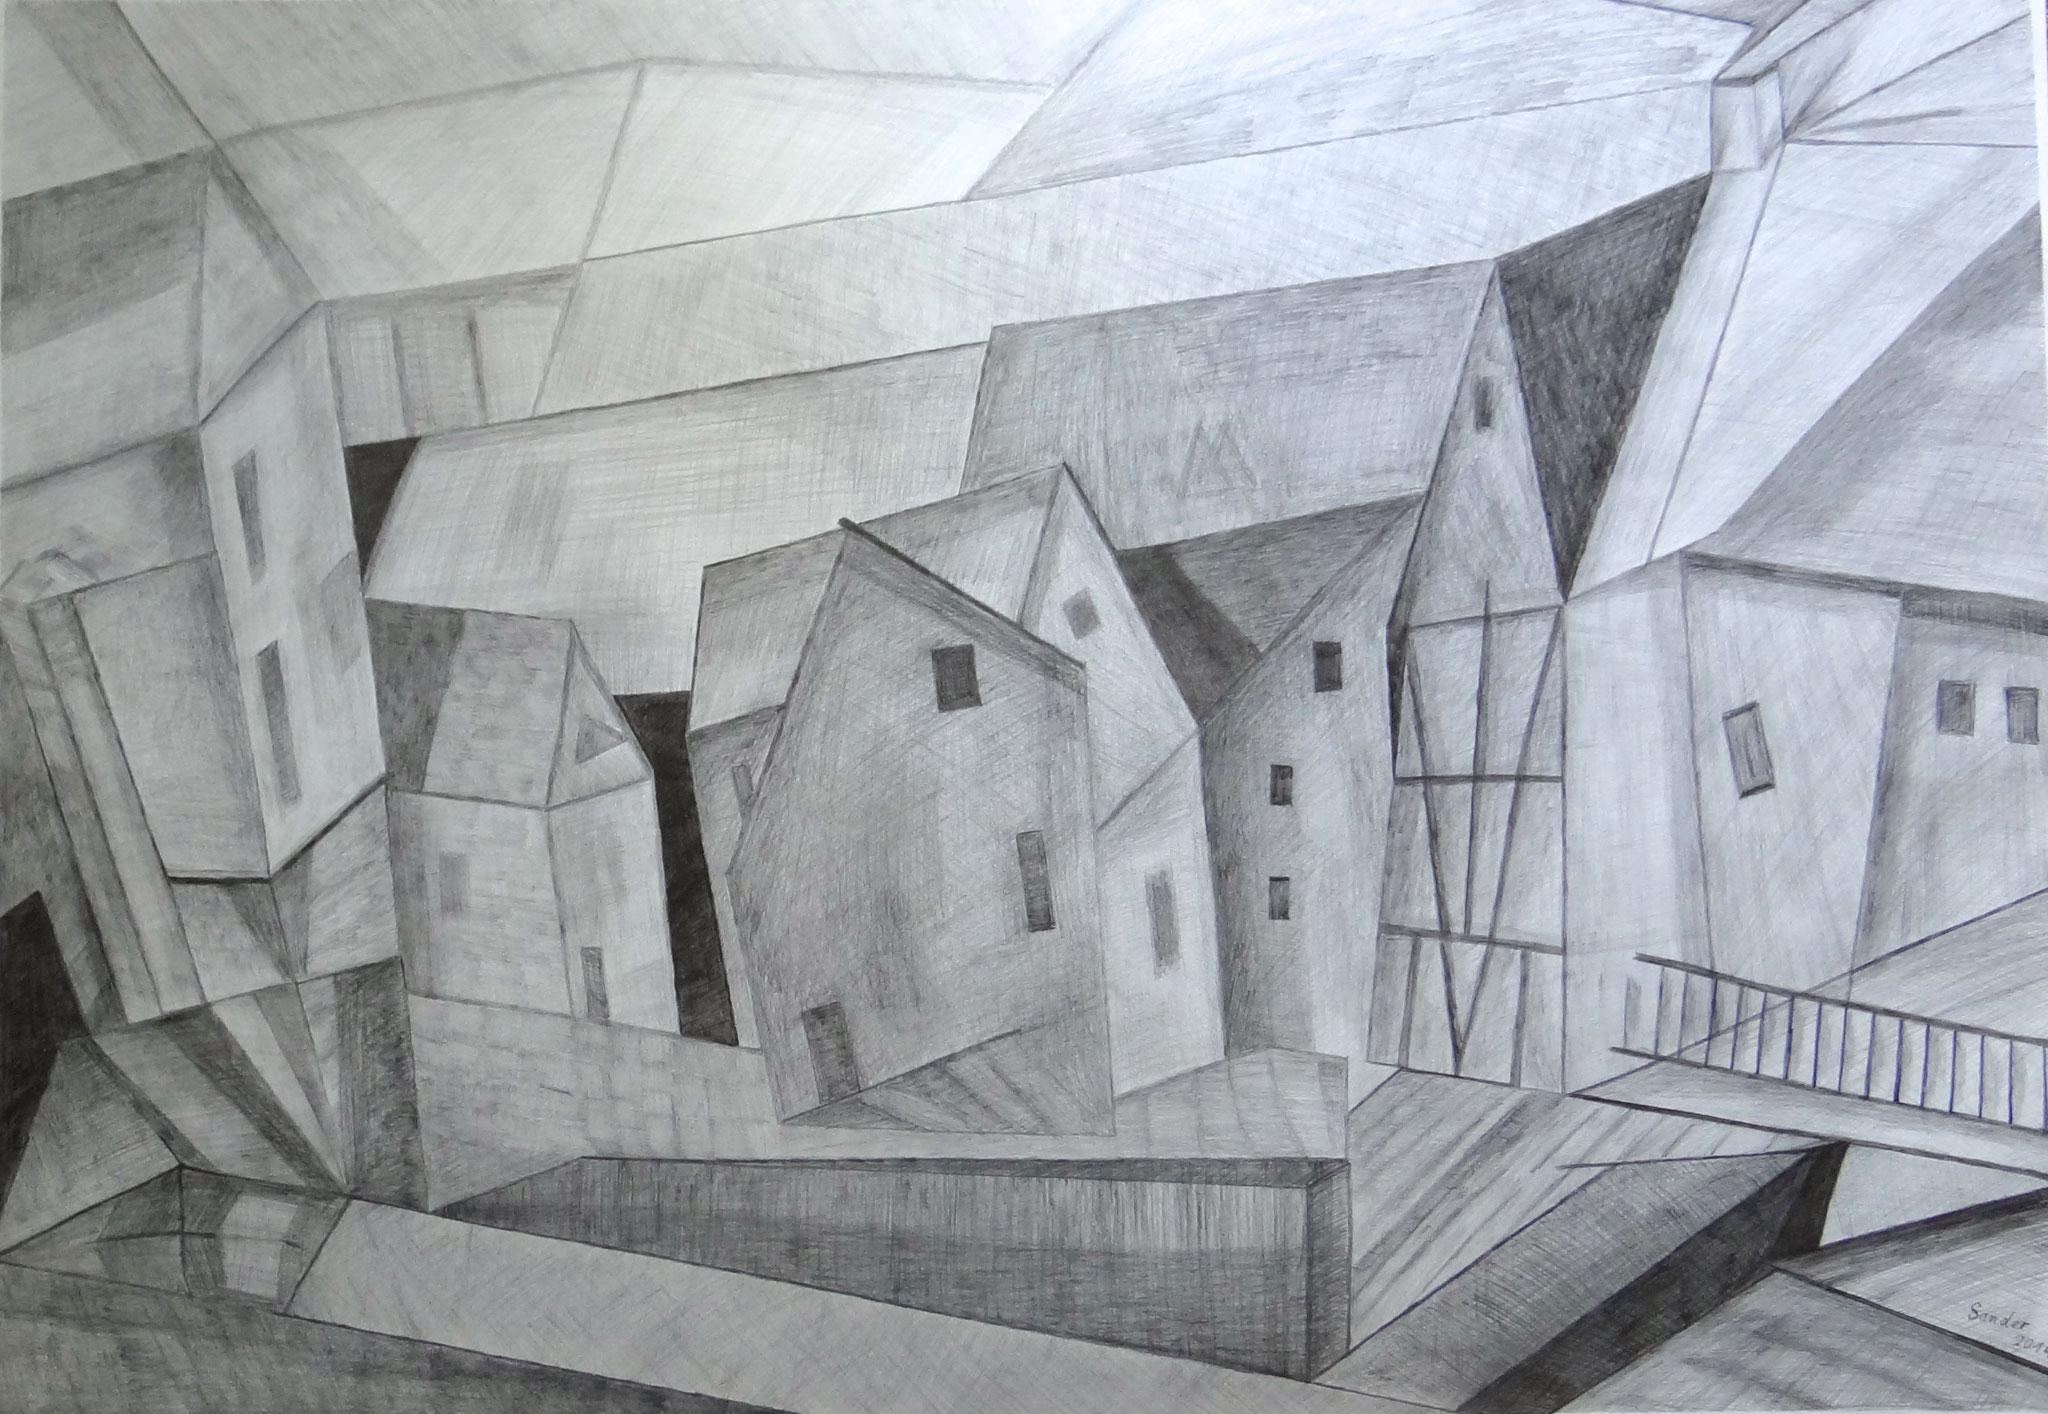 Häuser, 100 x 70 cm, Bleistiftzeichnung auf Papier, signiert und datiert 2014